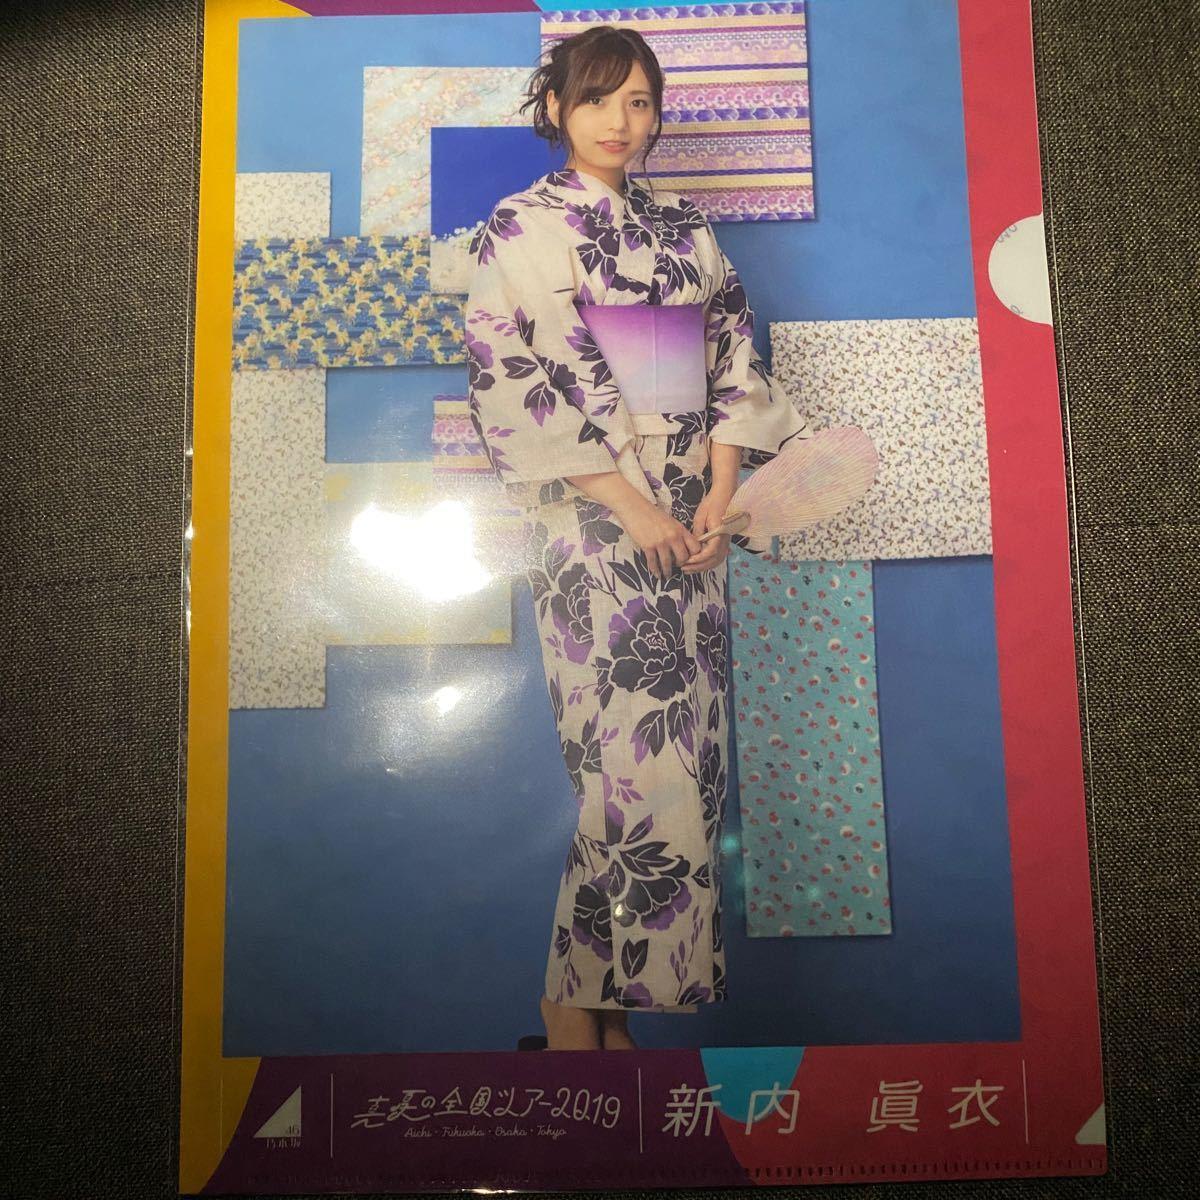 乃木坂46 真夏の全国ツアー2019 クリアファイル 購入特典 新内眞衣 佐藤楓